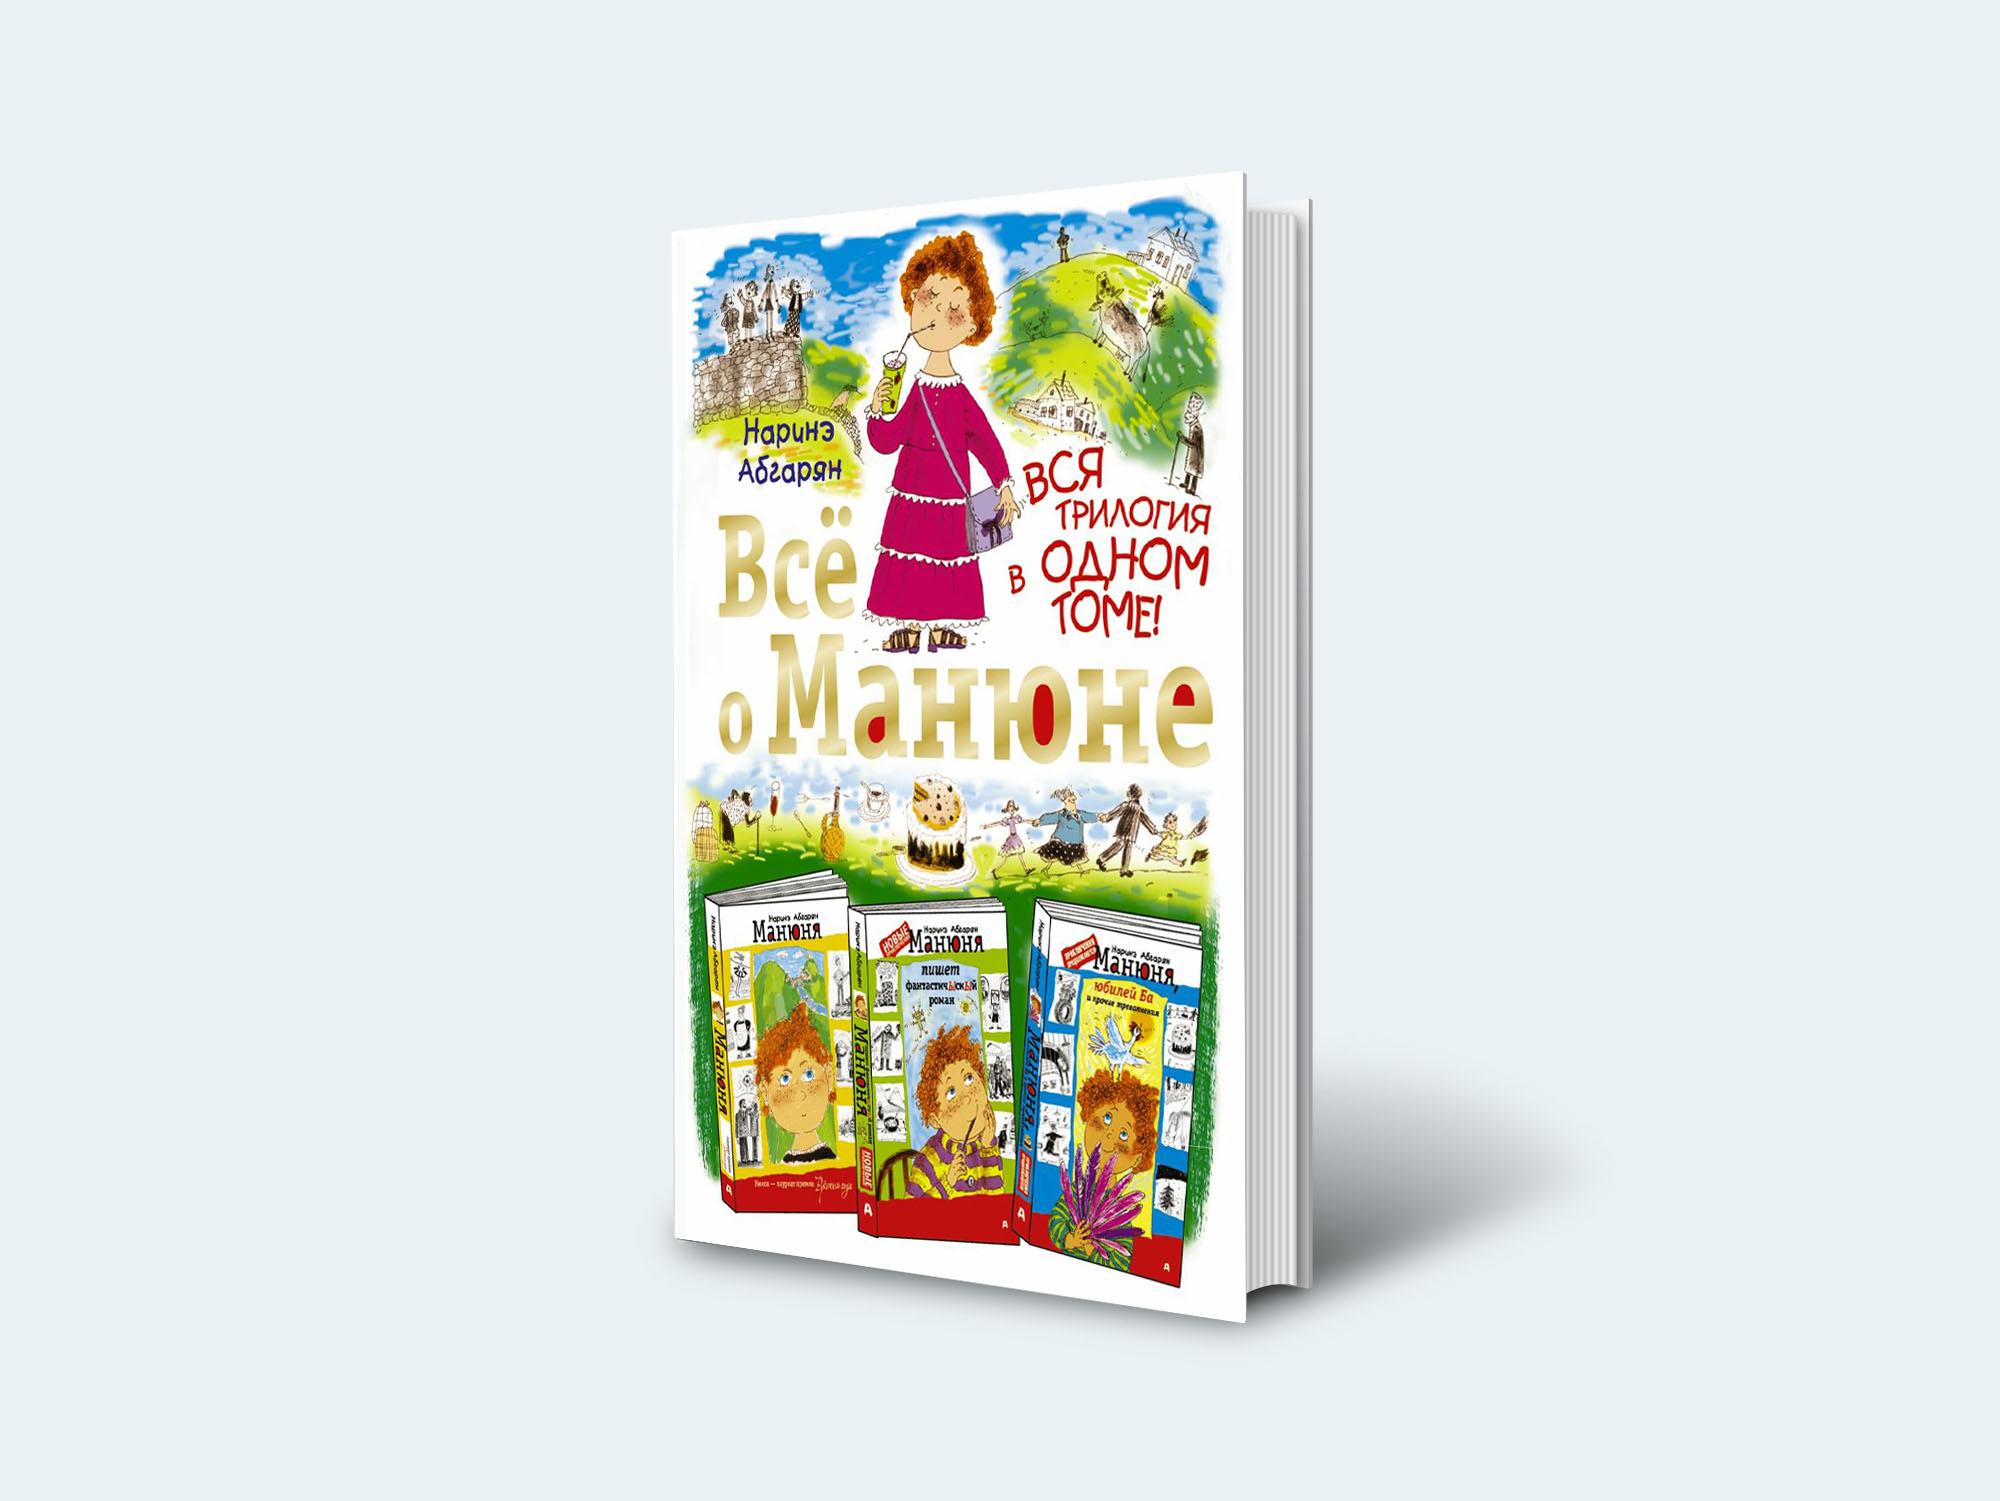 Темы  4 жизнеутверждающие книги, которые надо прочитать на каникулах